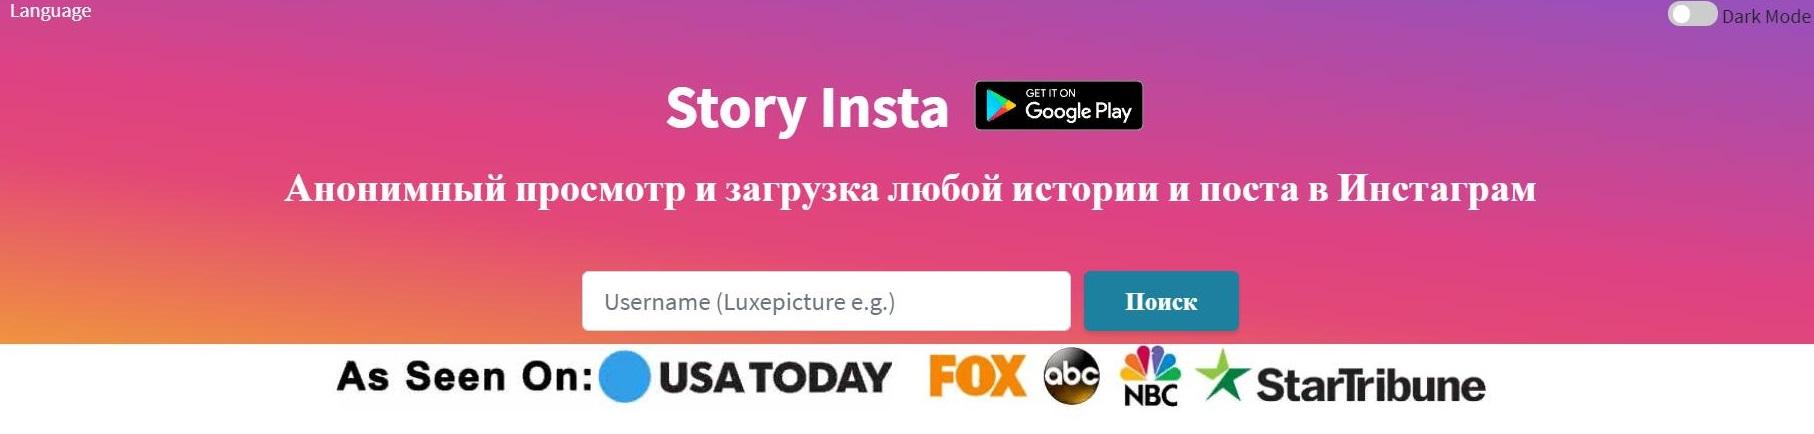 Storyinsta